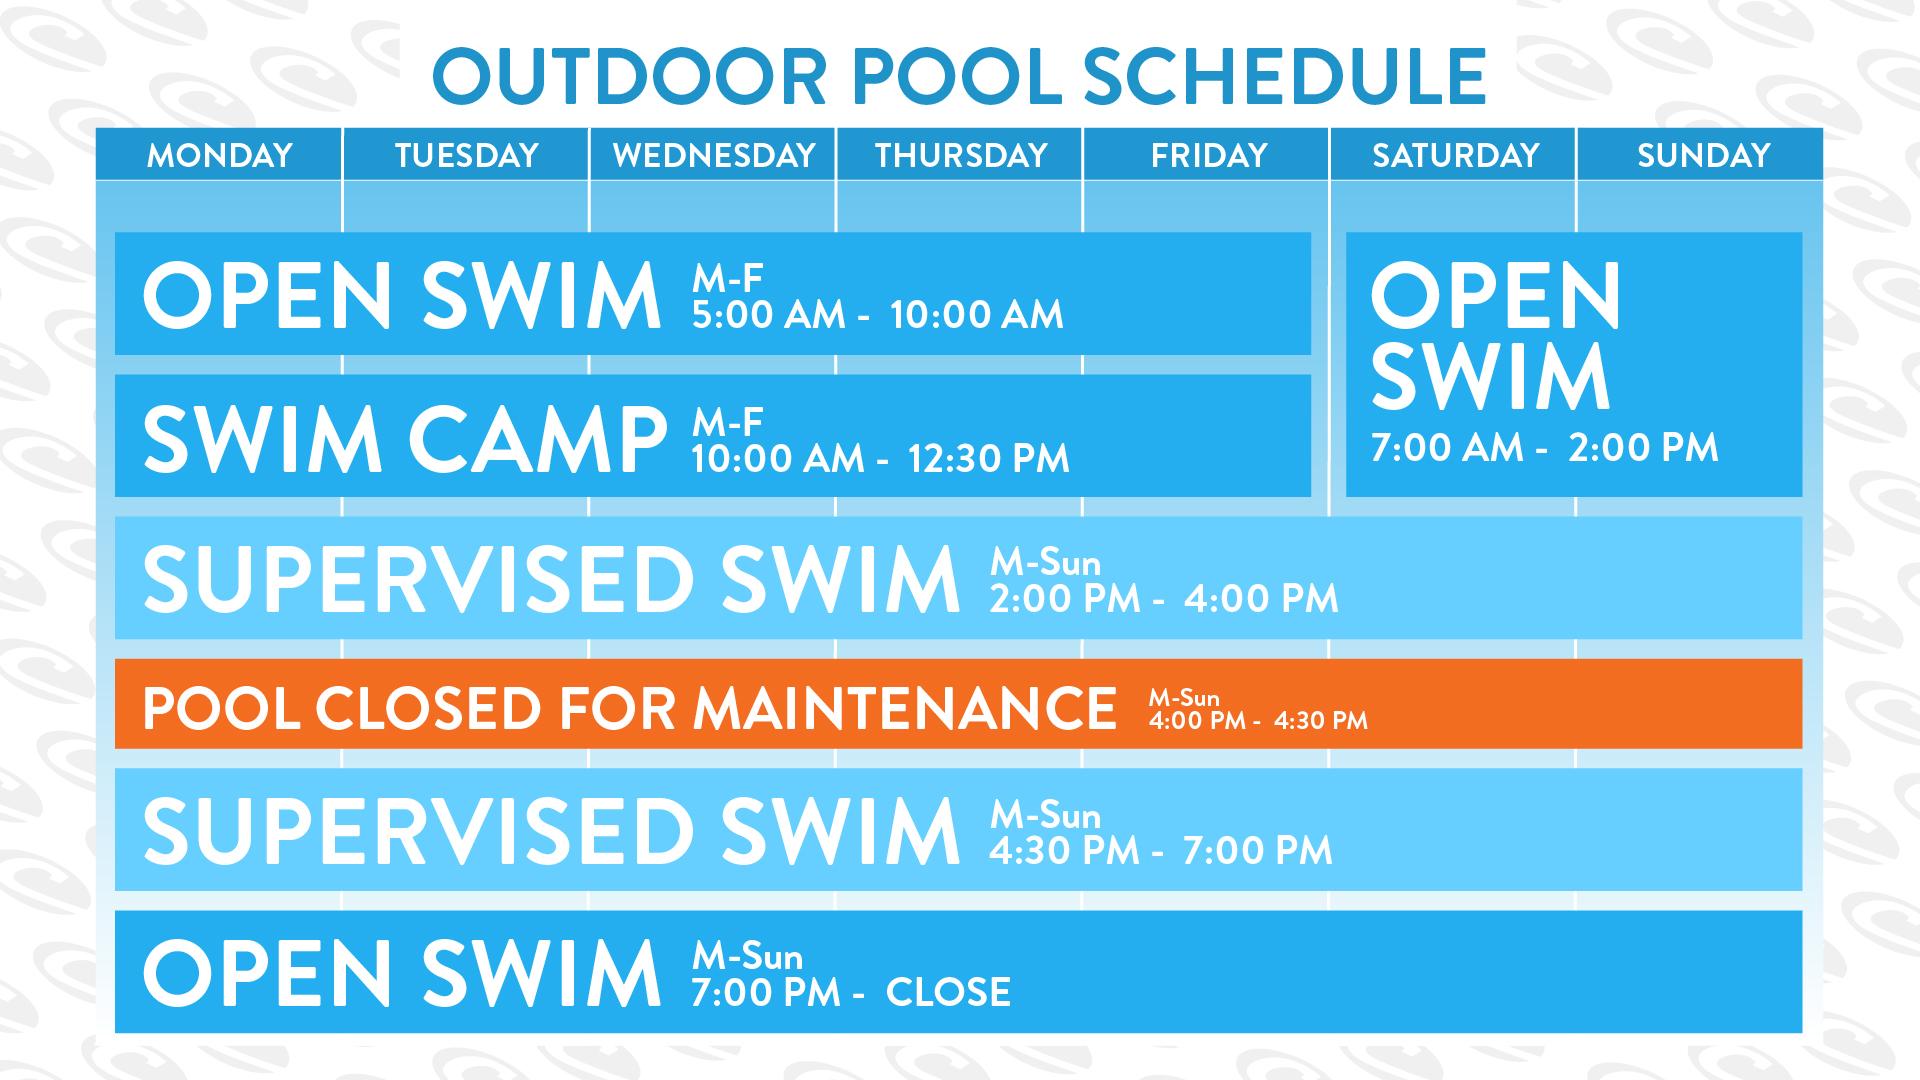 Outdoor_Pool_Schedule_IDS_IDS.jpg